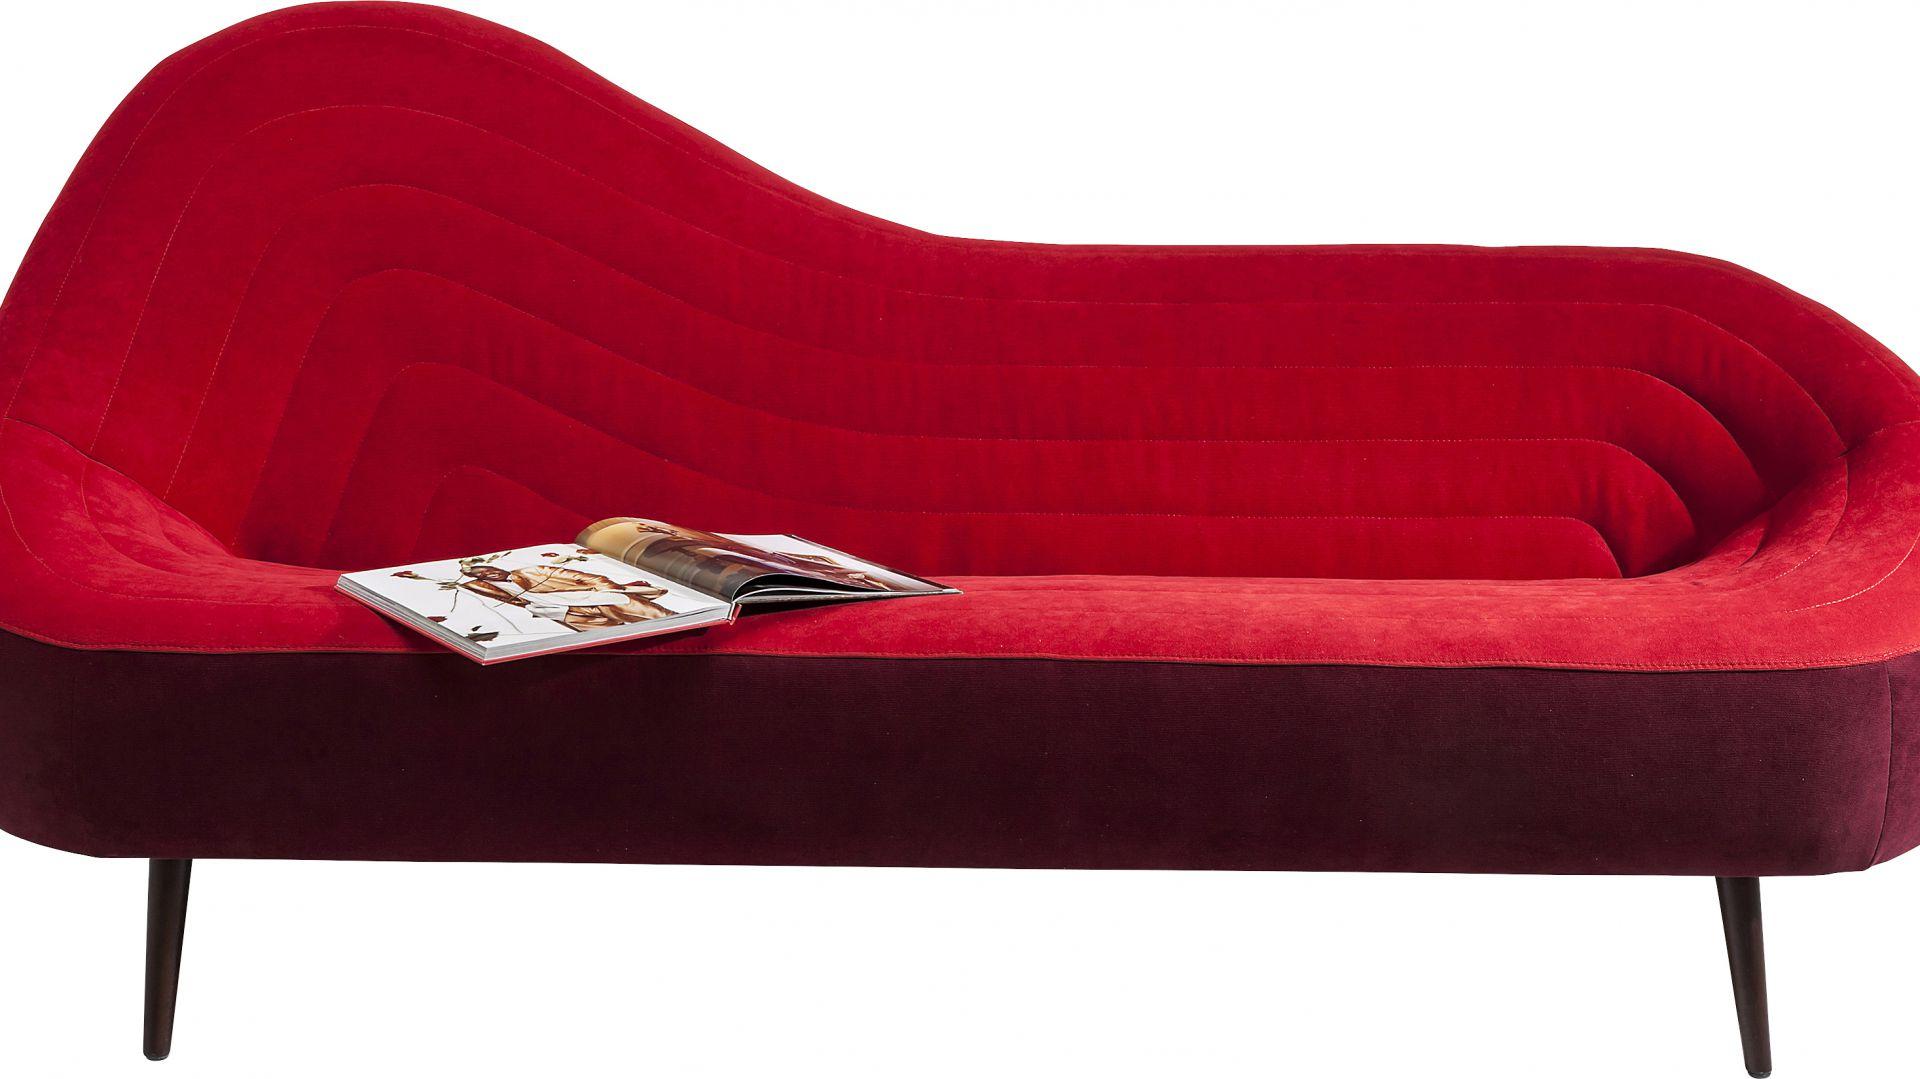 Czerwona sofa Isobar z oryginalnym pikowaniem. Fot. Kare Design